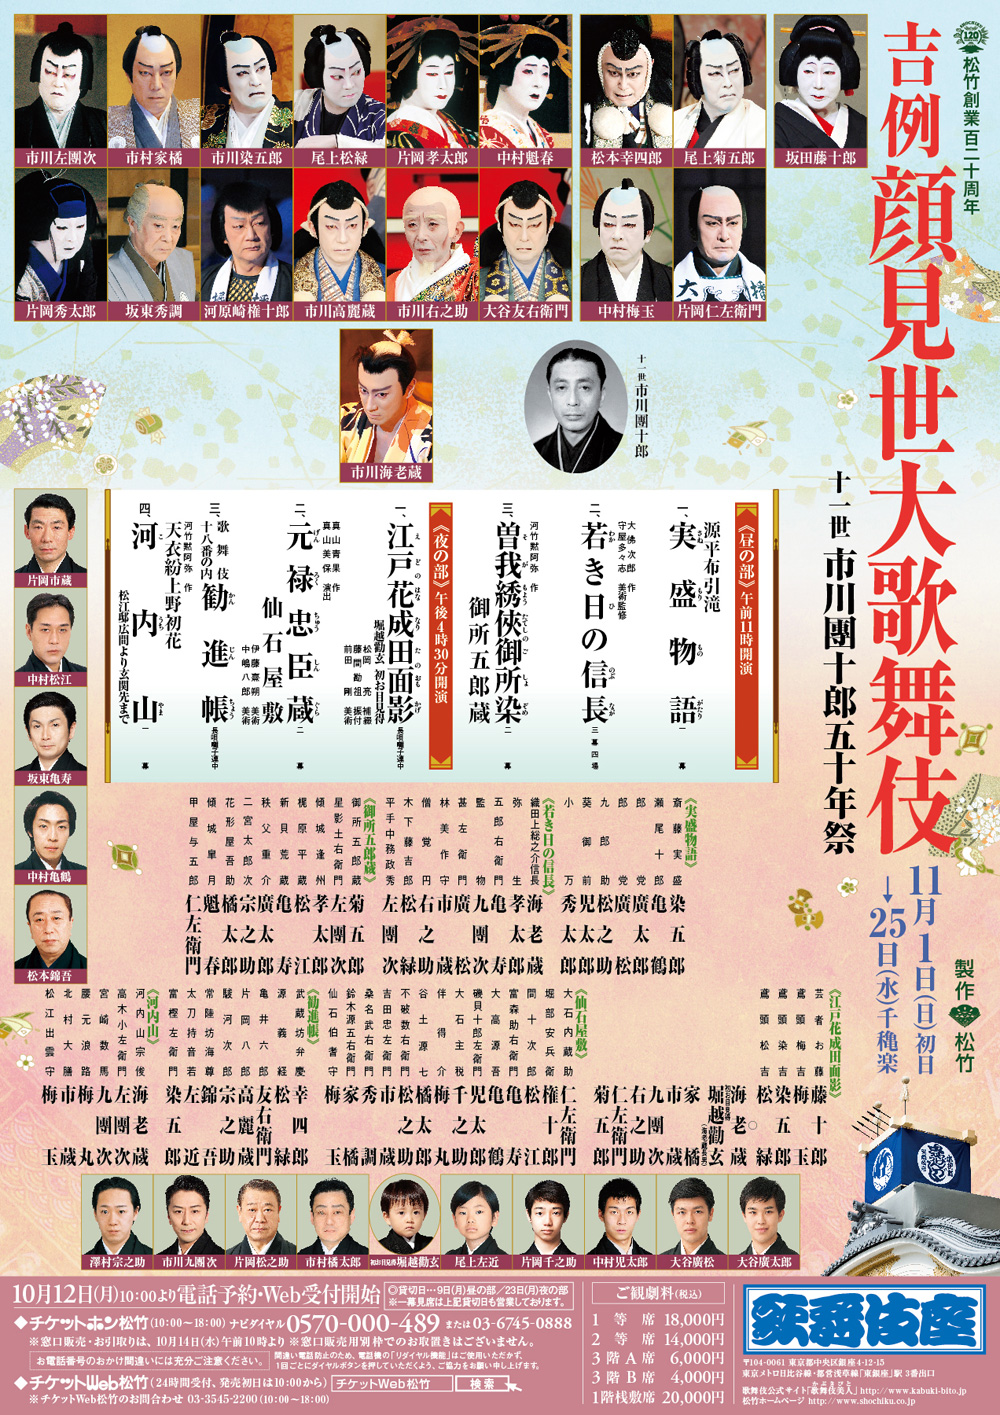 勸玄くん初お目見得!歌舞伎座『十一世市川團十郎五十年祭』は明日チケット発売!